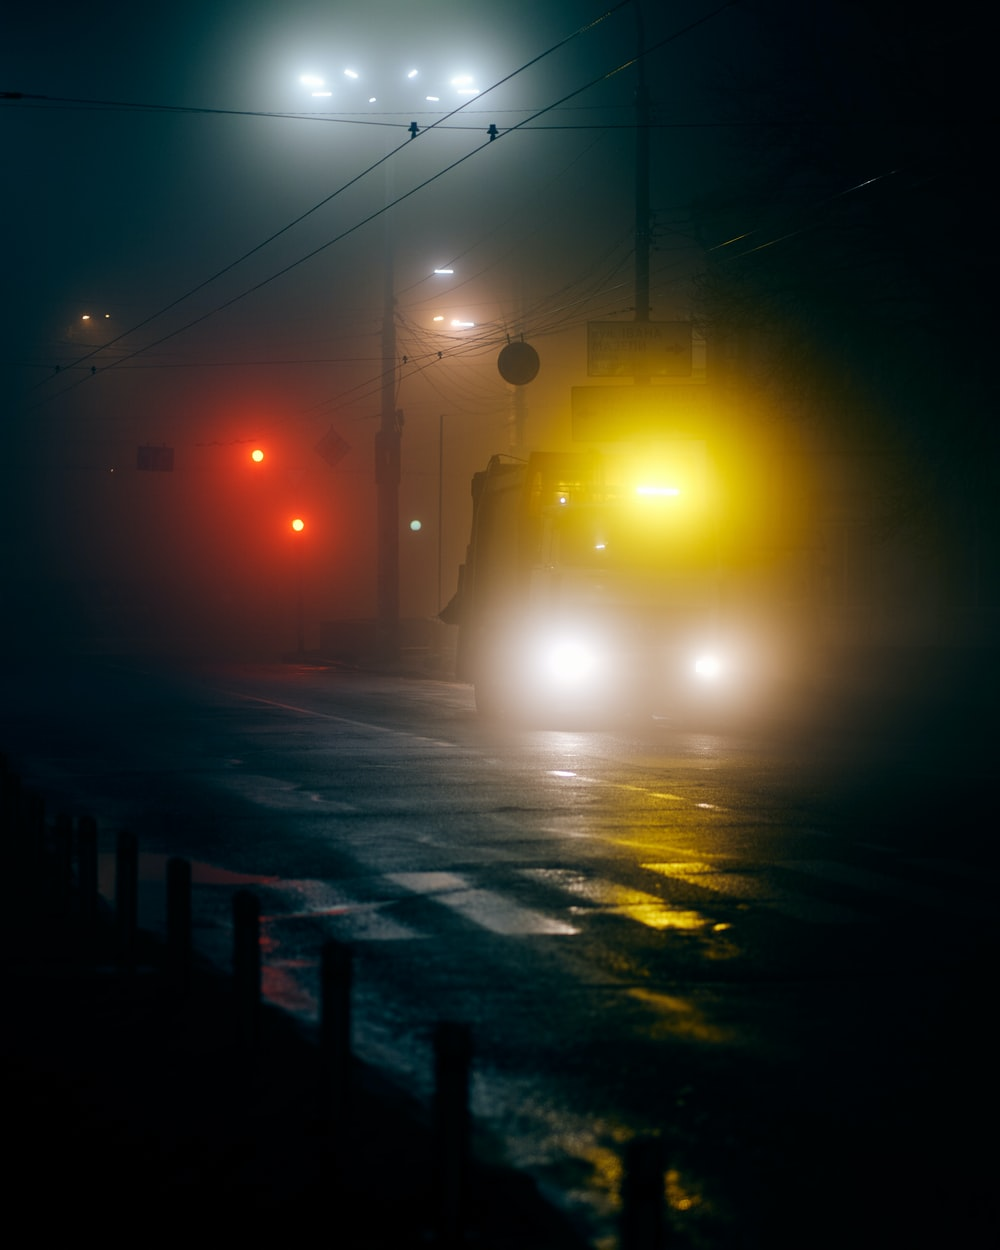 black asphalt road during night time